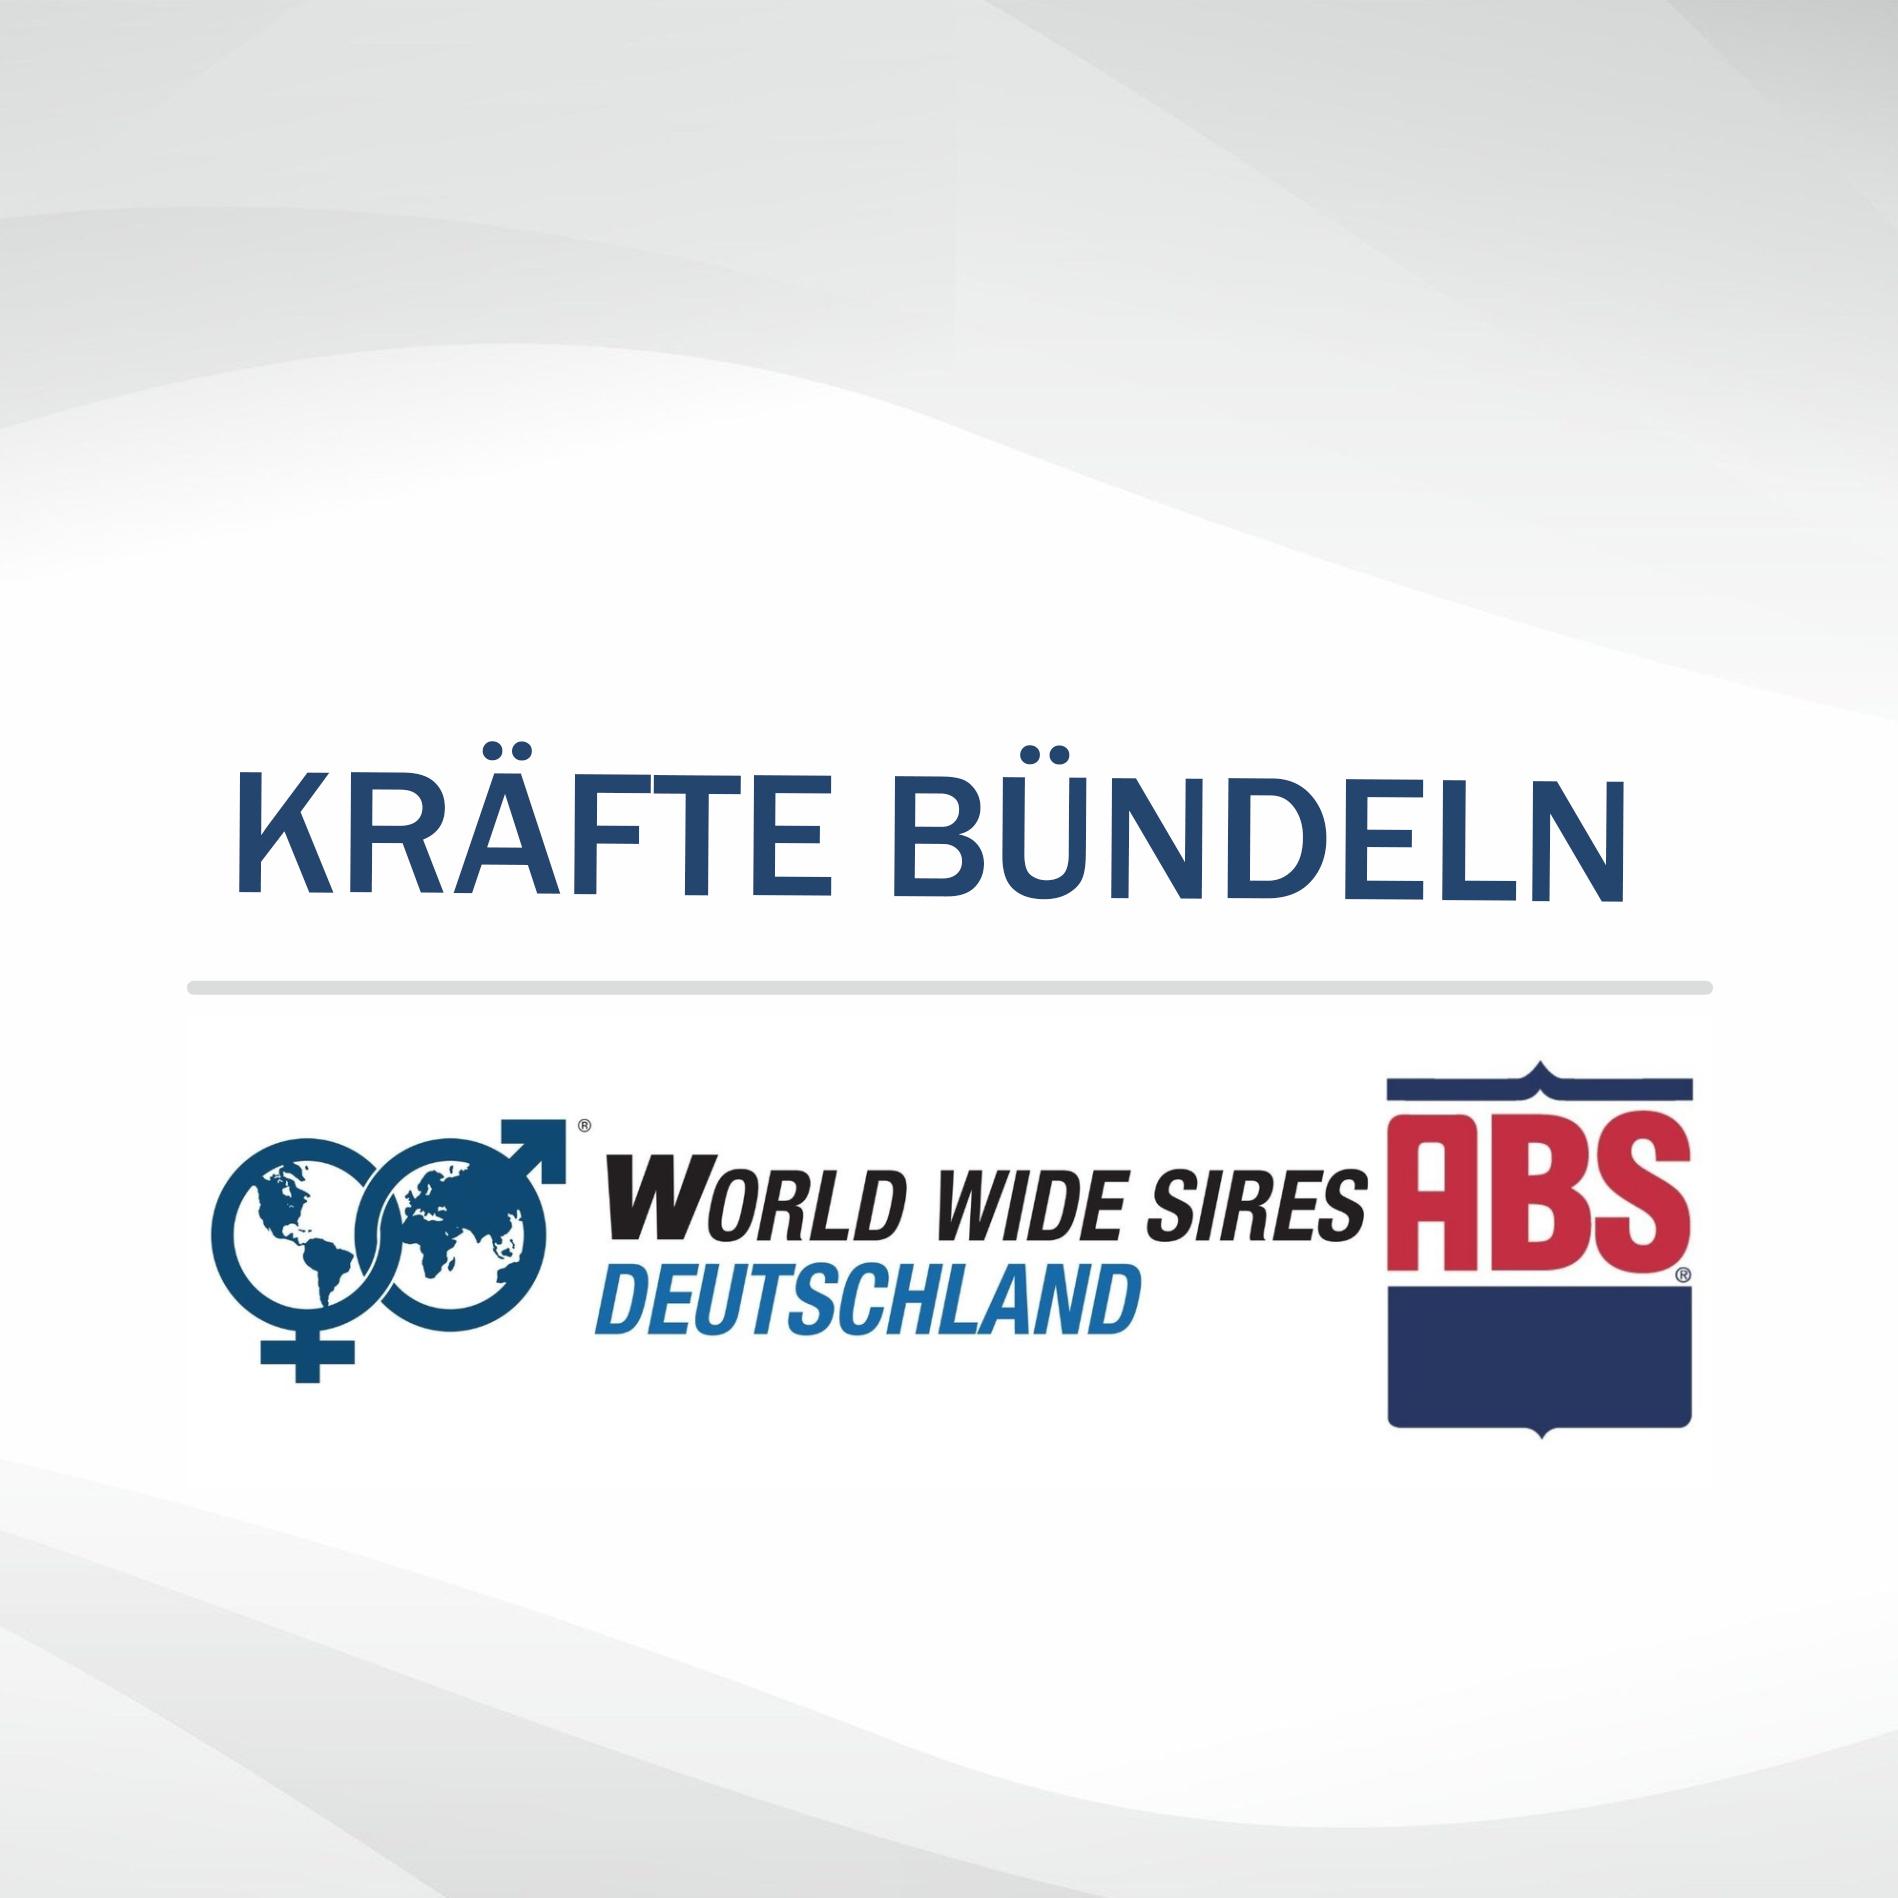 WWS Deutschland und ABS Deutschland bündeln Kräfte